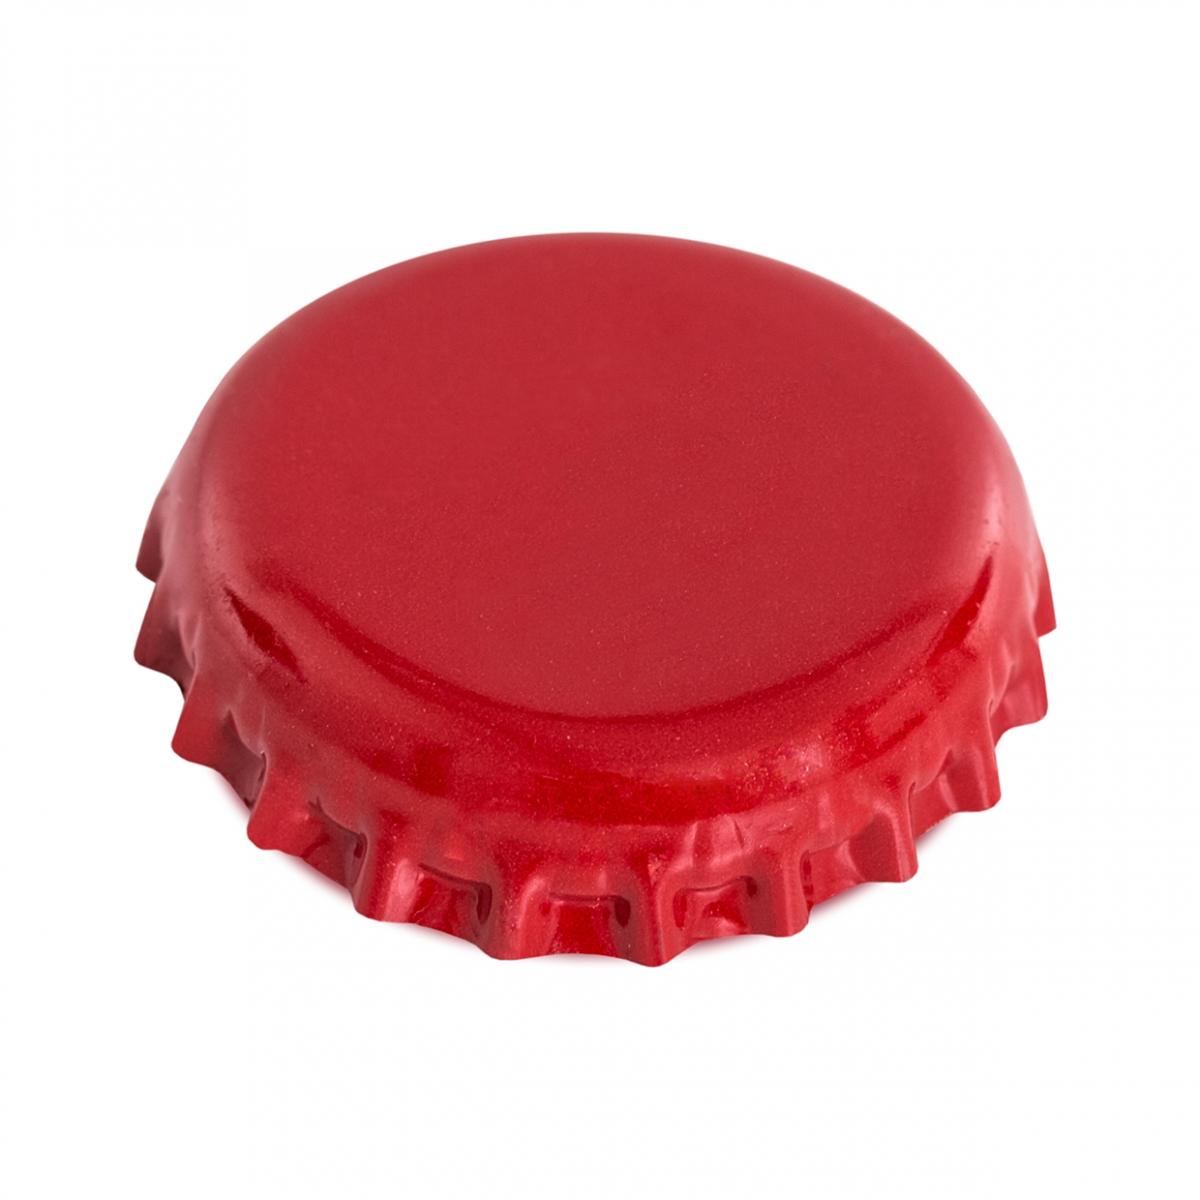 Imagen en la que se ve la chapa de una botella